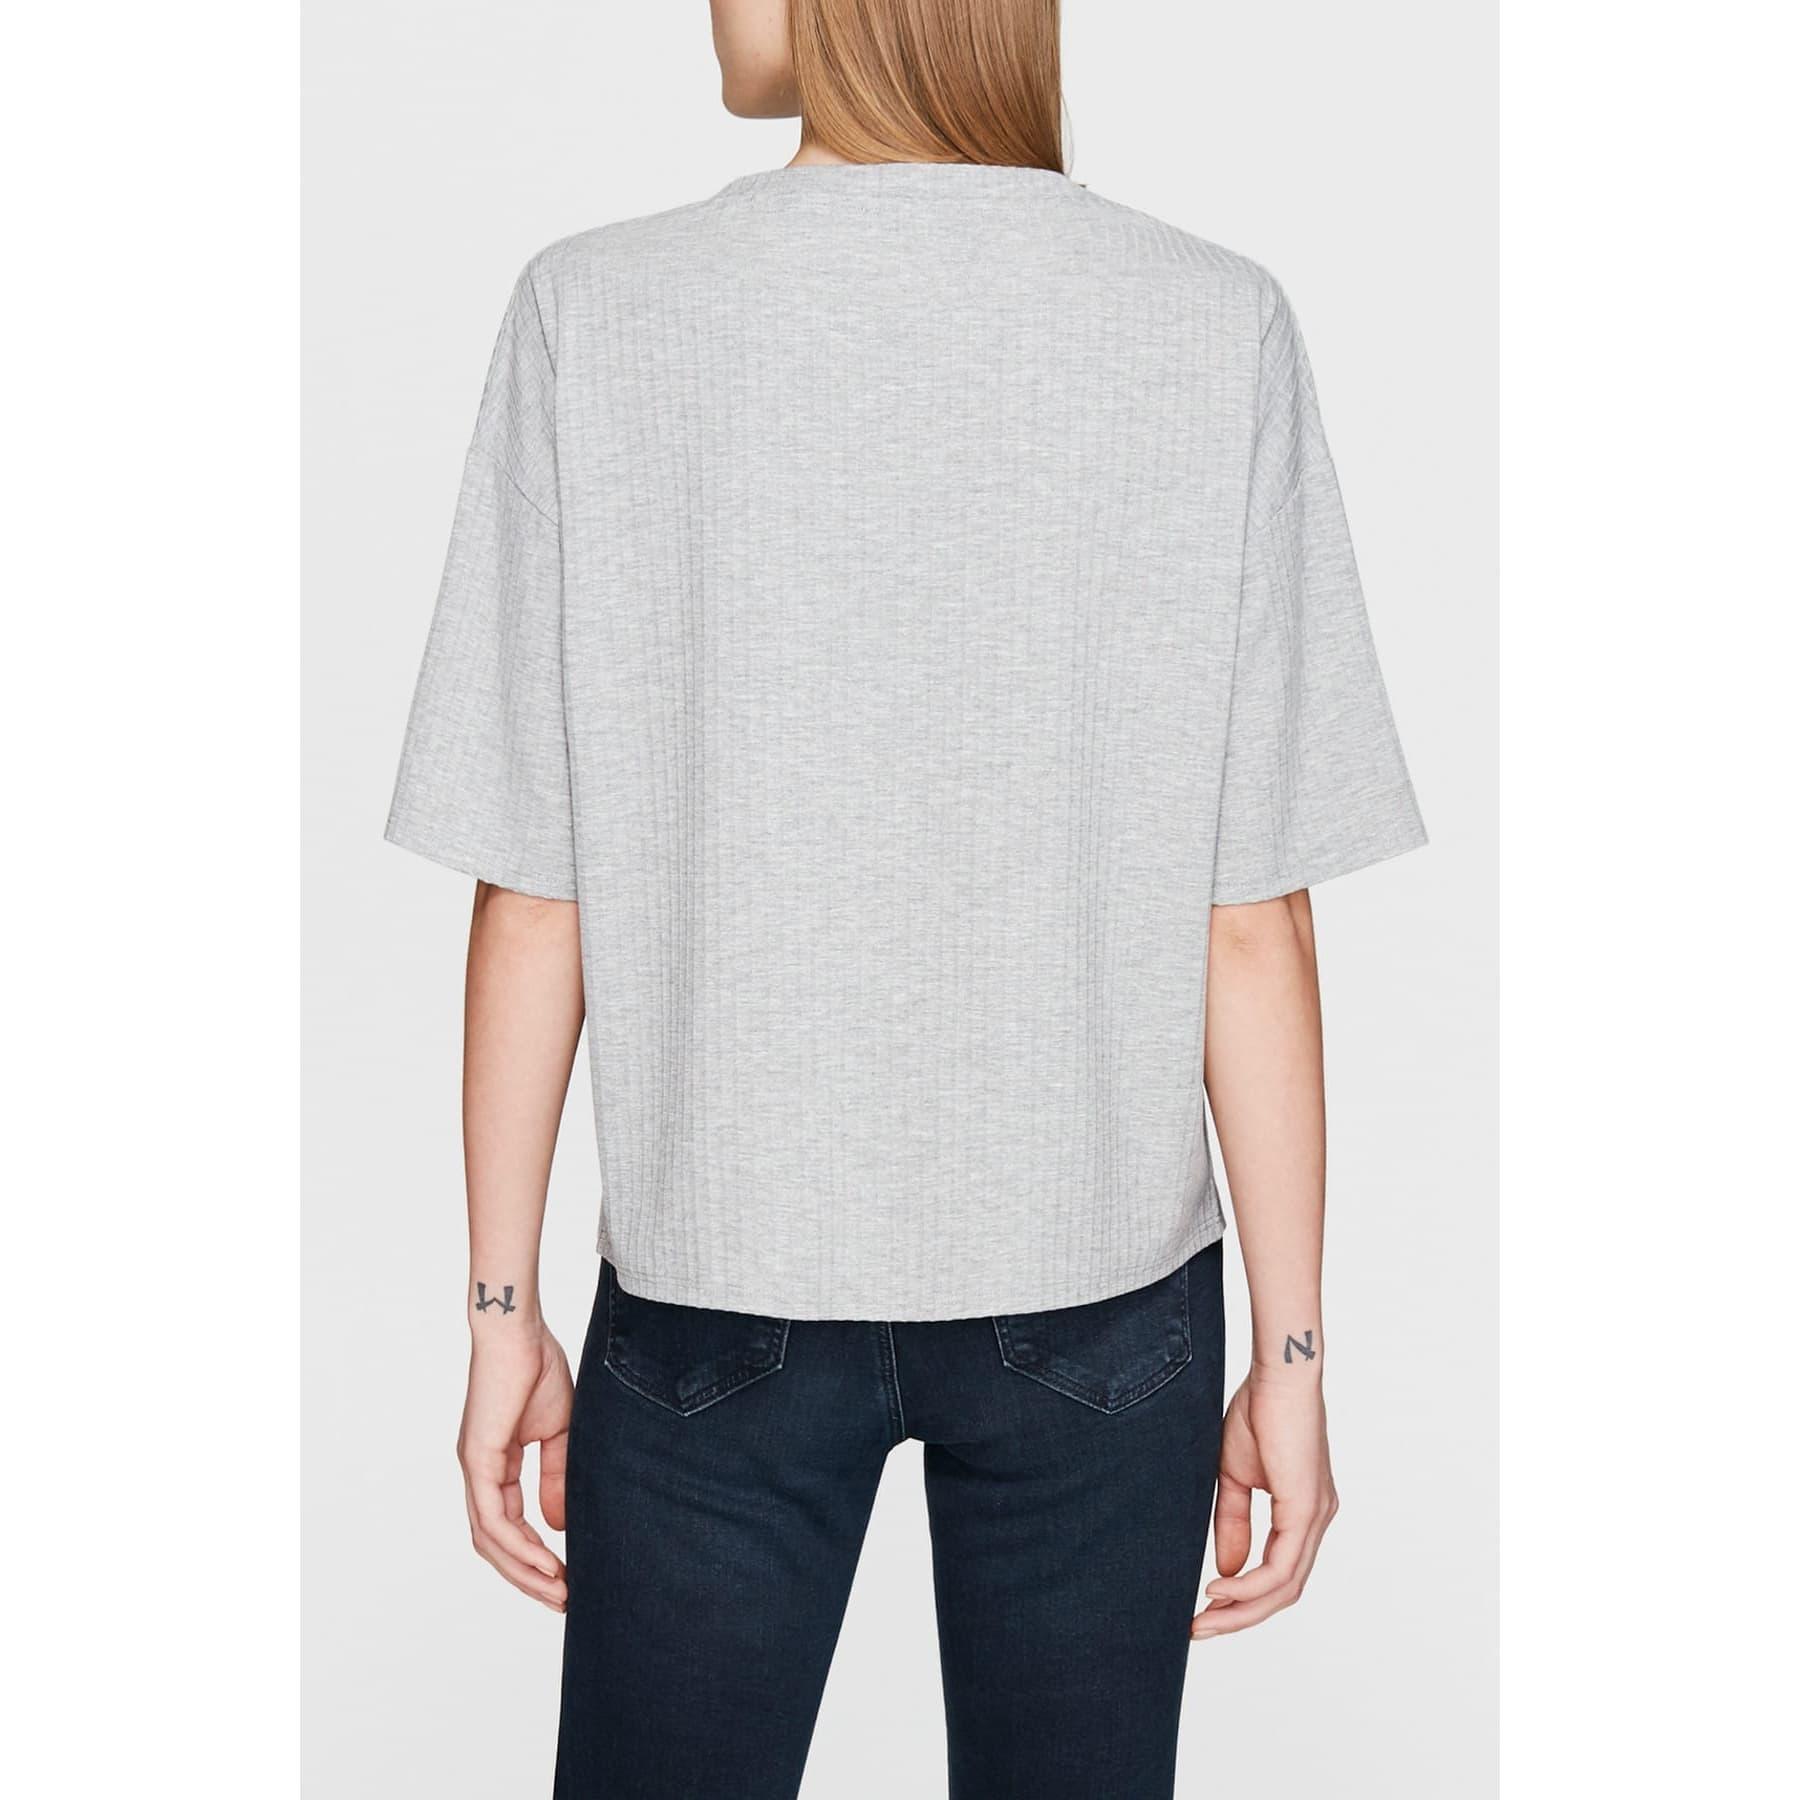 Cep Detaylı Kadın Gri Tişört